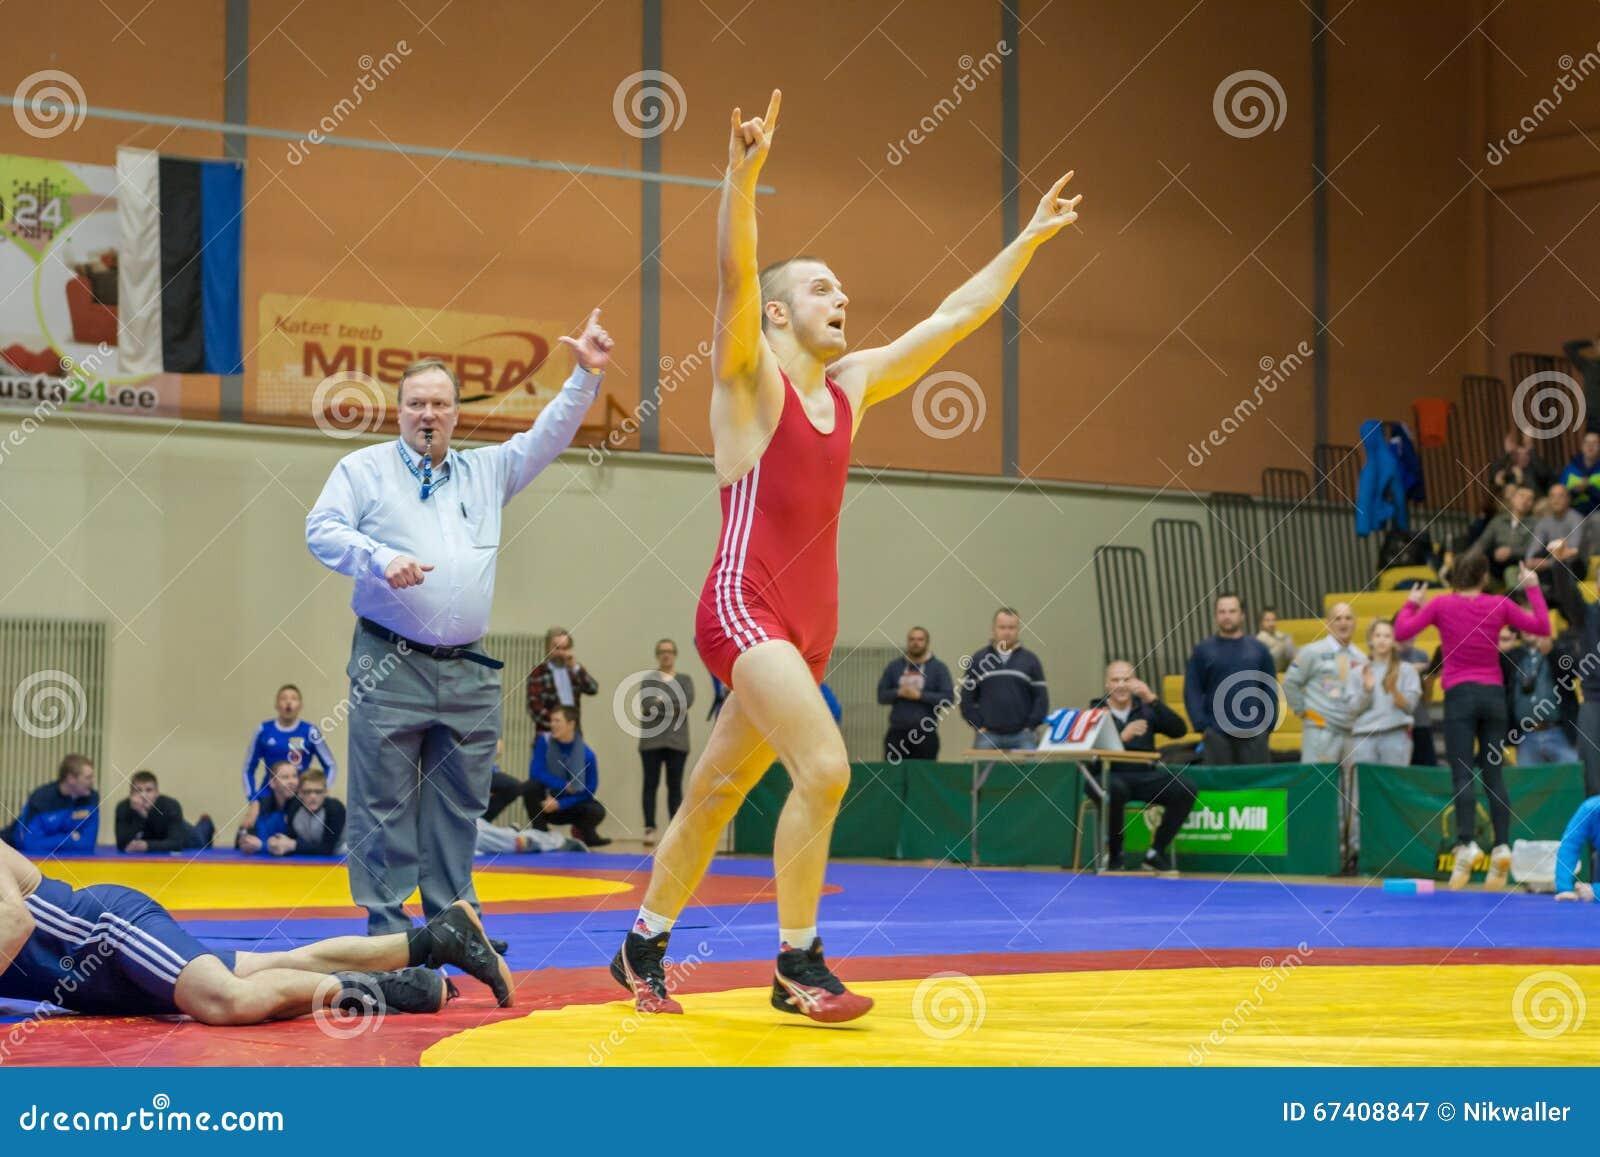 摔跤成人片_维尔扬迪,爱沙尼亚- 2016年2月20日:在爱沙尼亚语自由式摔跤 ...